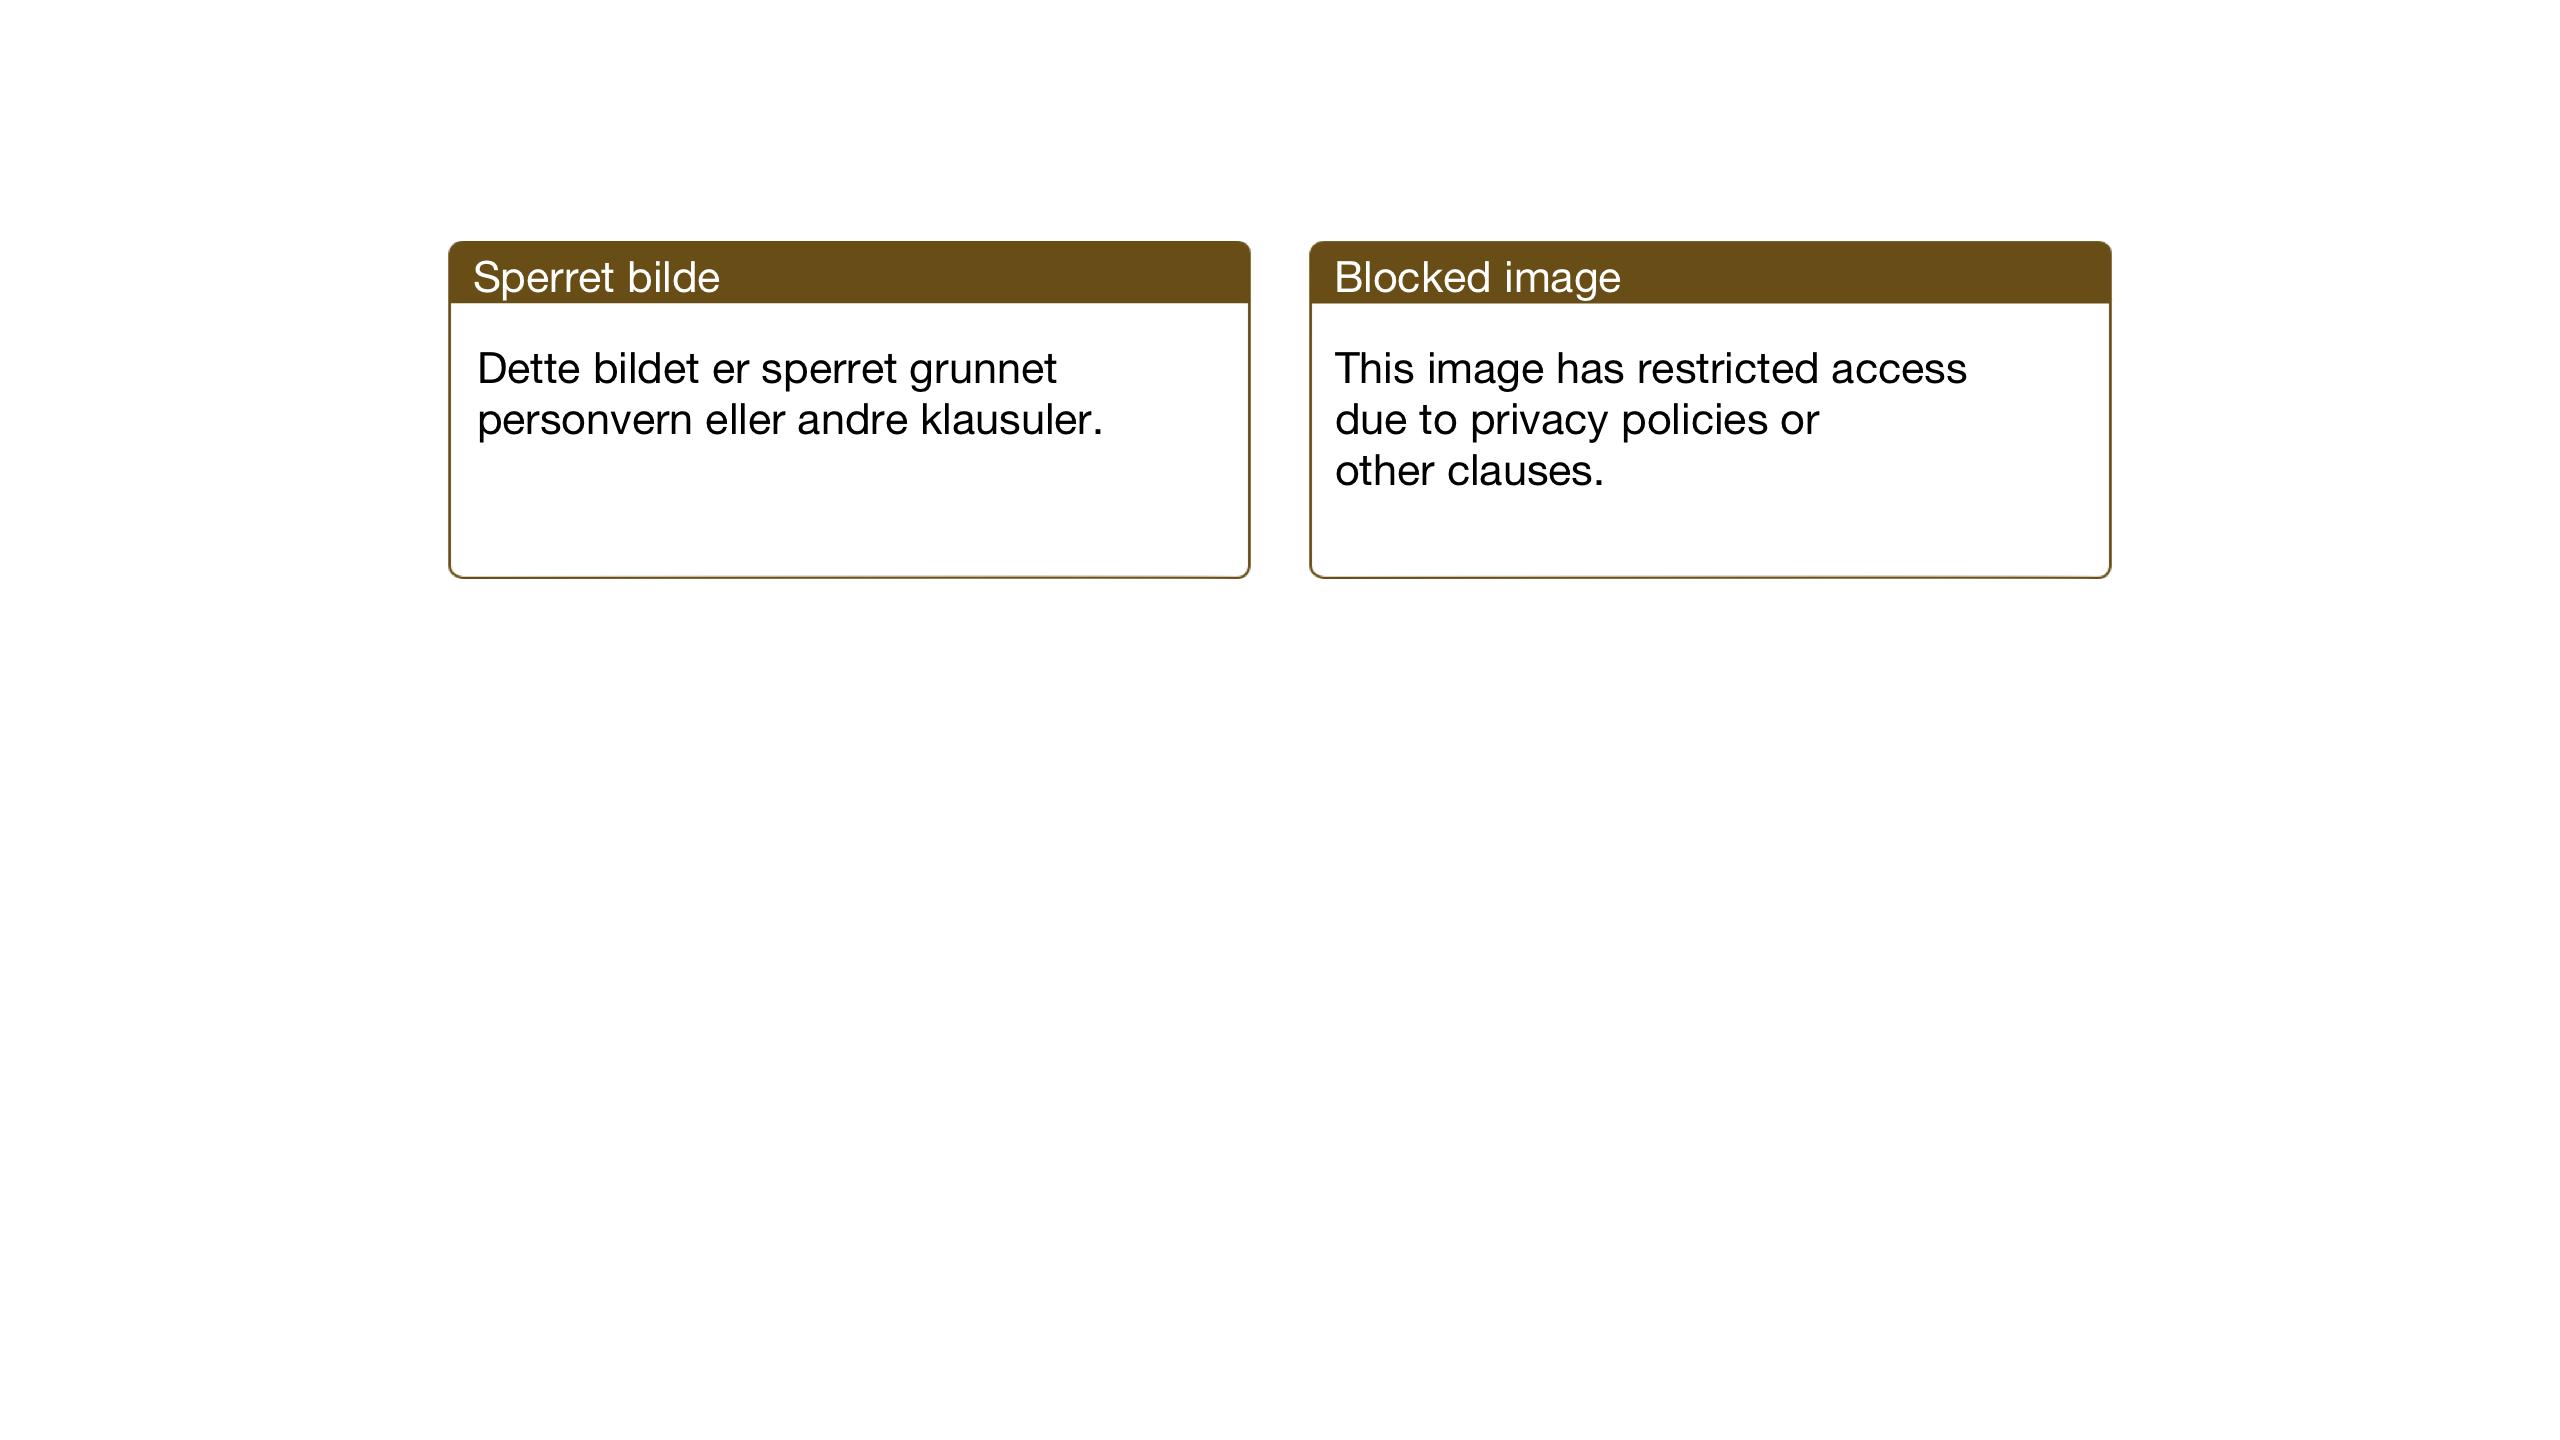 SAT, Ministerialprotokoller, klokkerbøker og fødselsregistre - Nord-Trøndelag, 774/L0631: Klokkerbok nr. 774C02, 1934-1950, s. 20